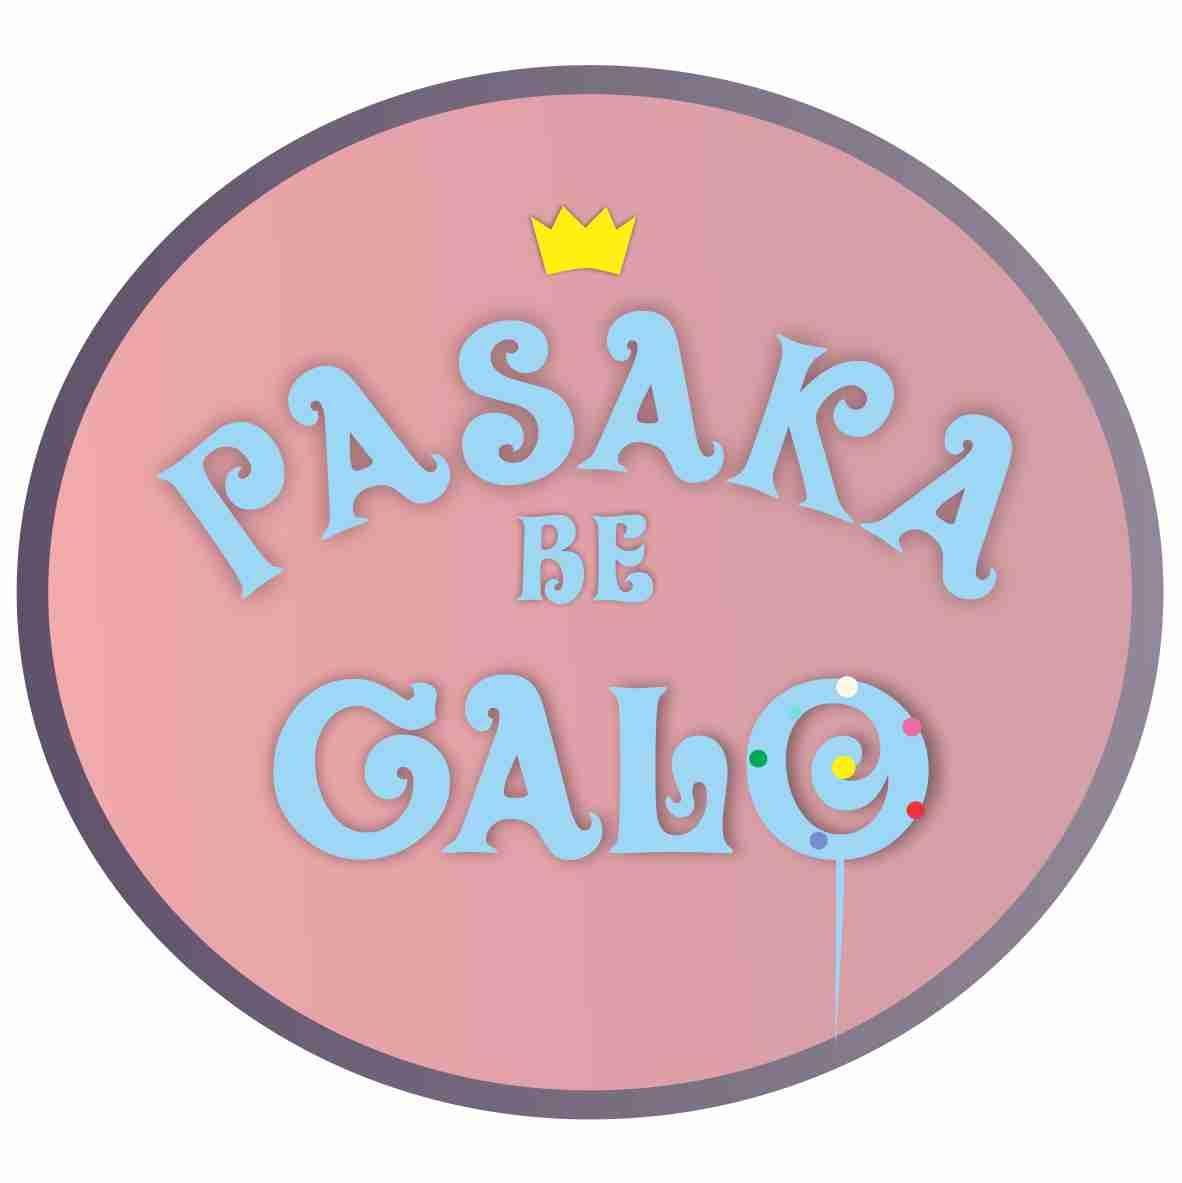 pasaka_be_galo_melynas_jpg